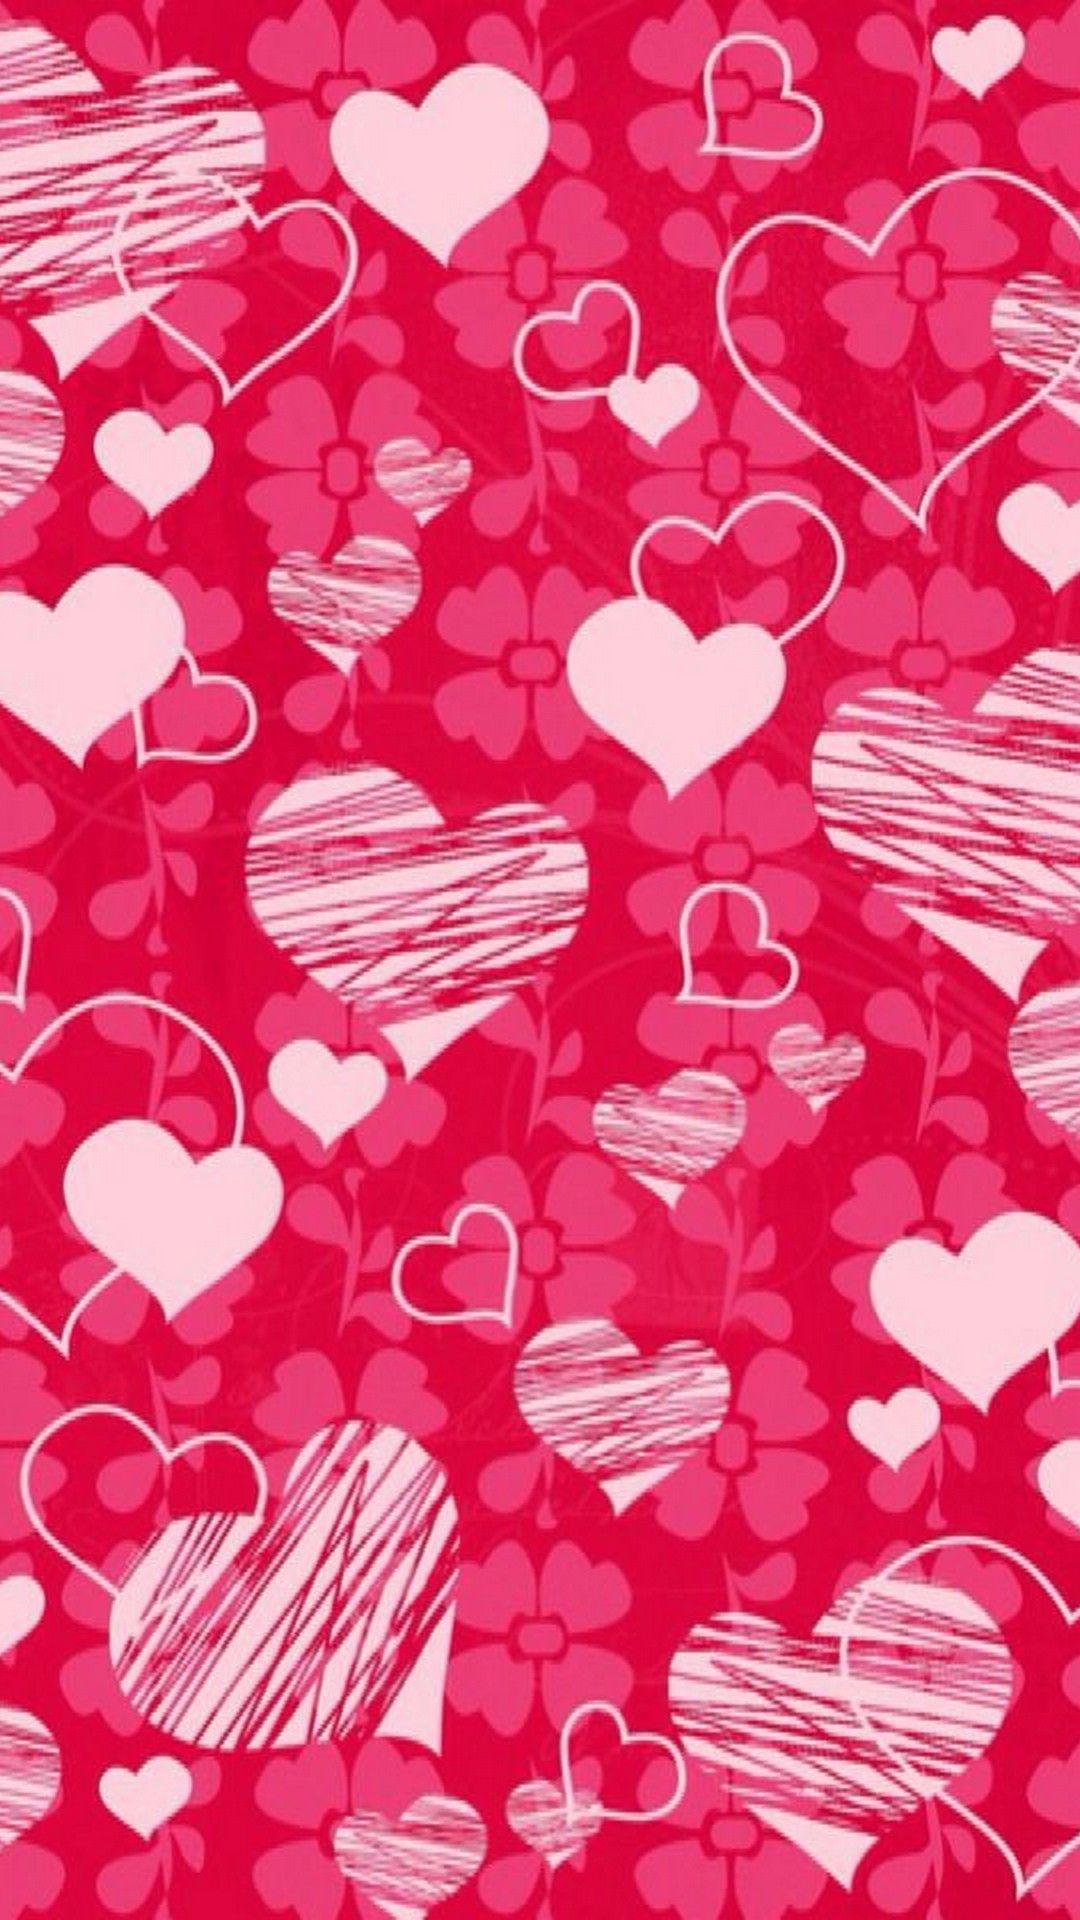 Wallpaper Valentine Day